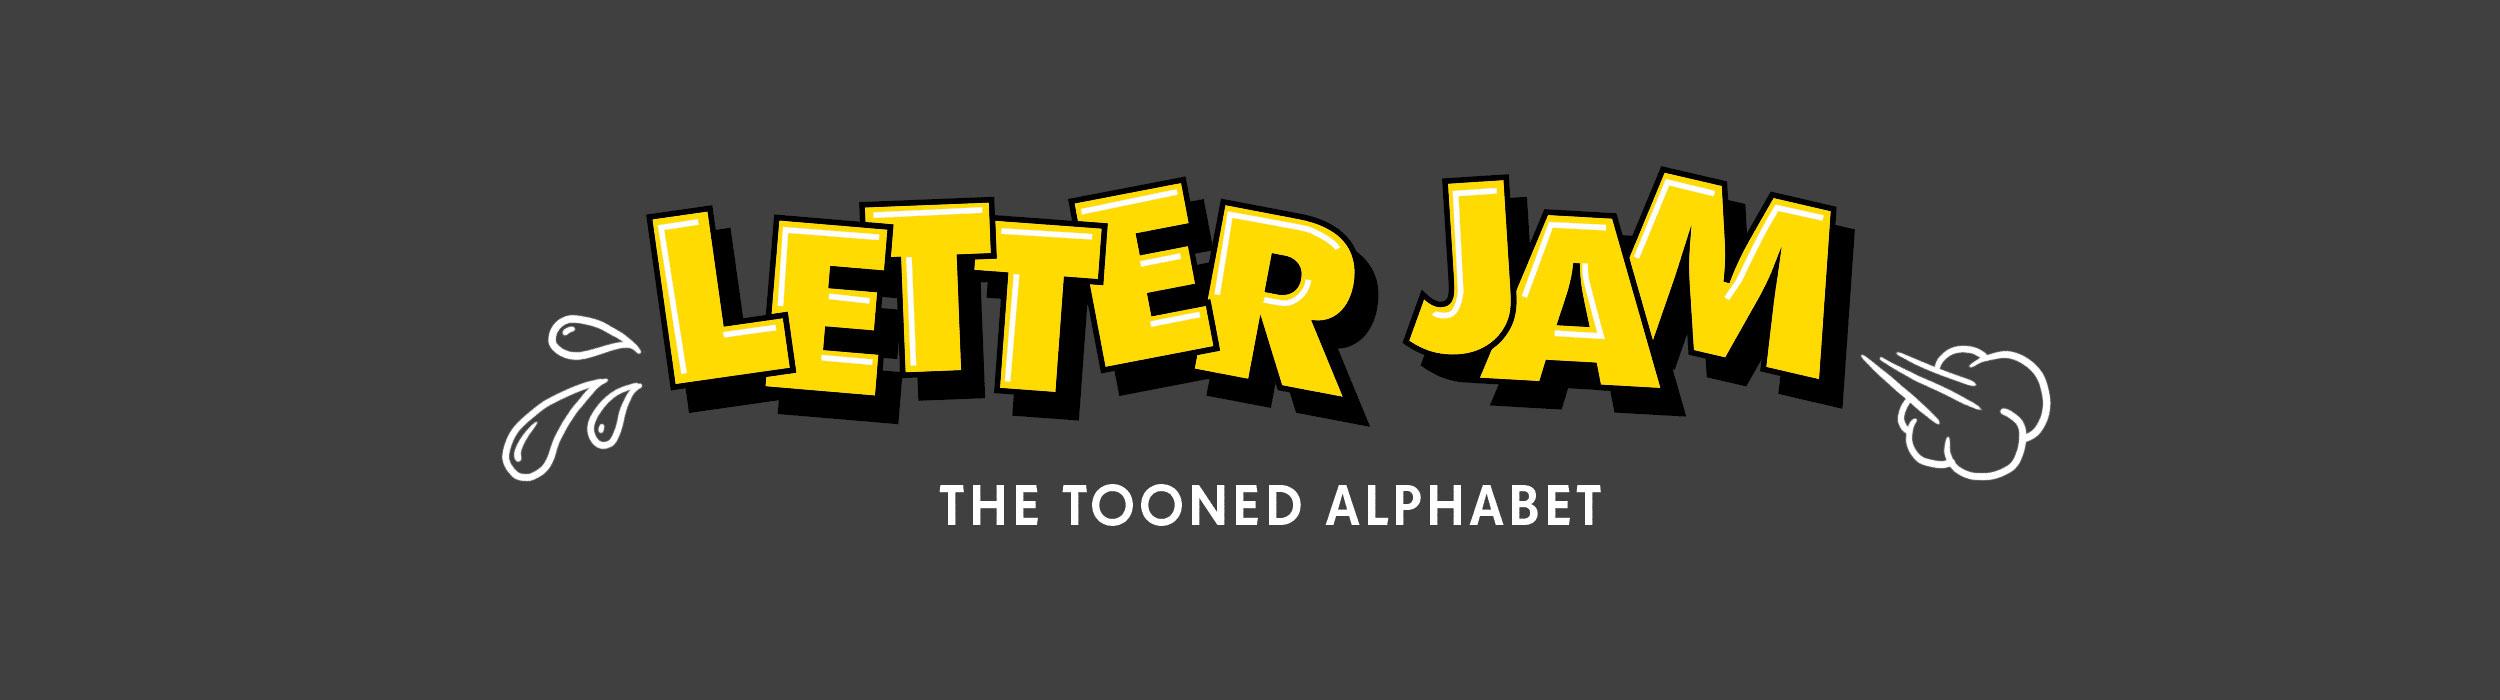 LetterJam_Header_